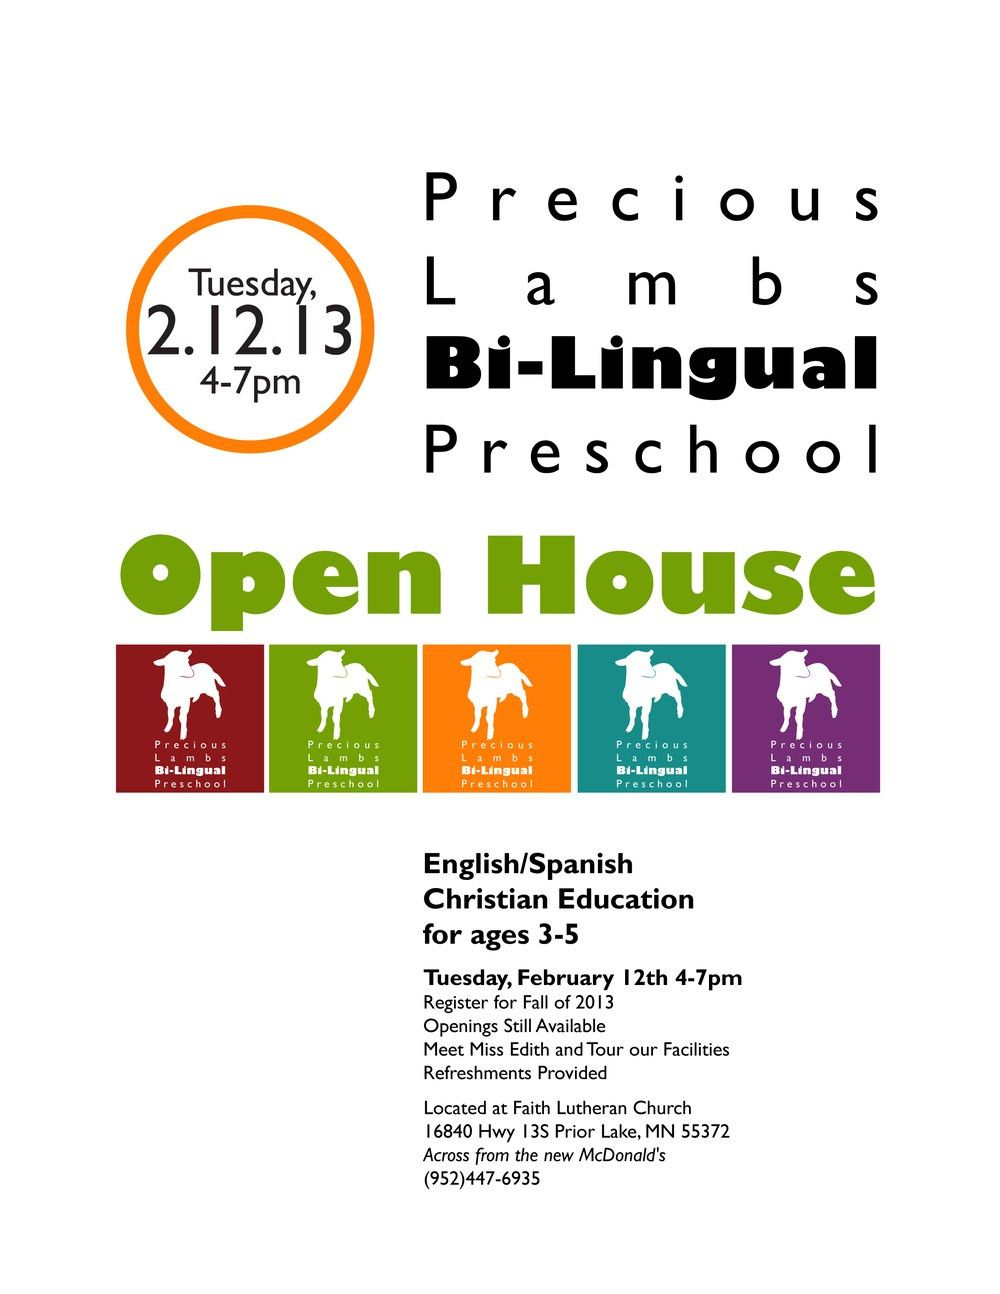 Preschool Open House Flyer — Corissa Nelson Art